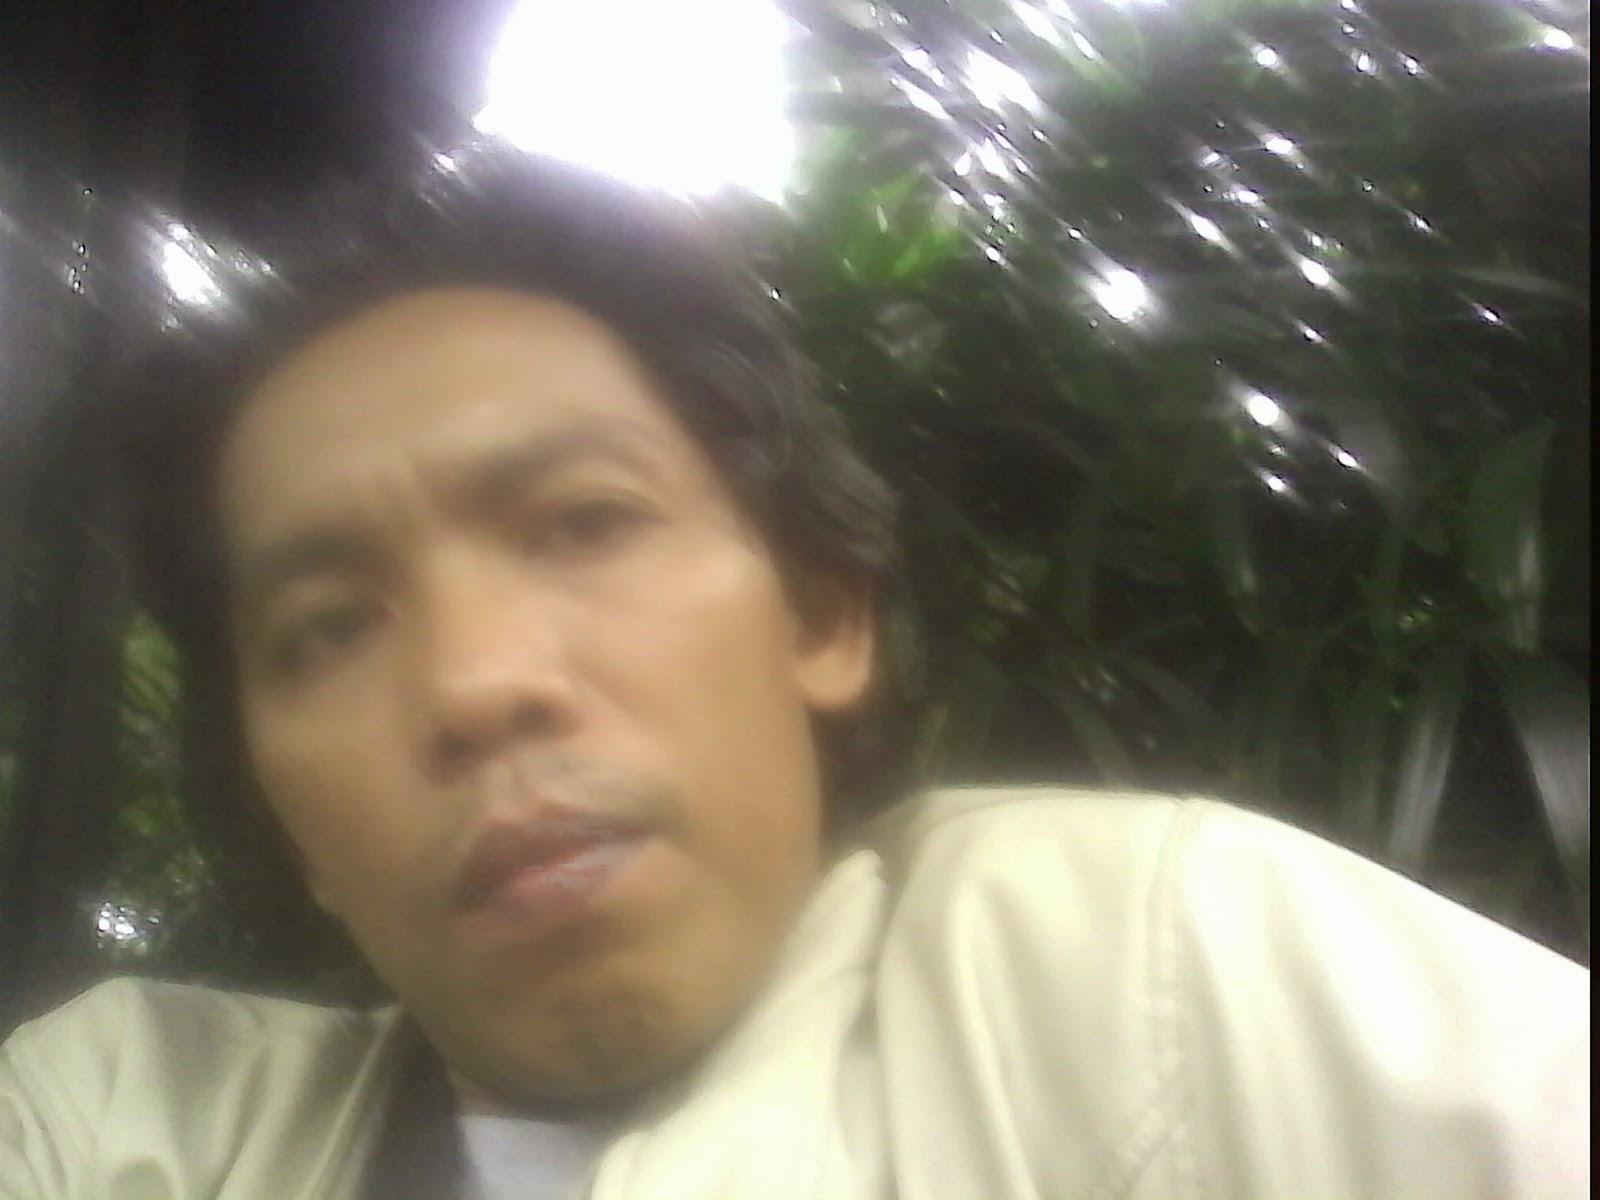 JUAL KROTO SEGAR UNTUK KICAU MANIA JAKARTA TIMUR-KELURAHAN PONDOK KELAPA - IMG_20150101_162738